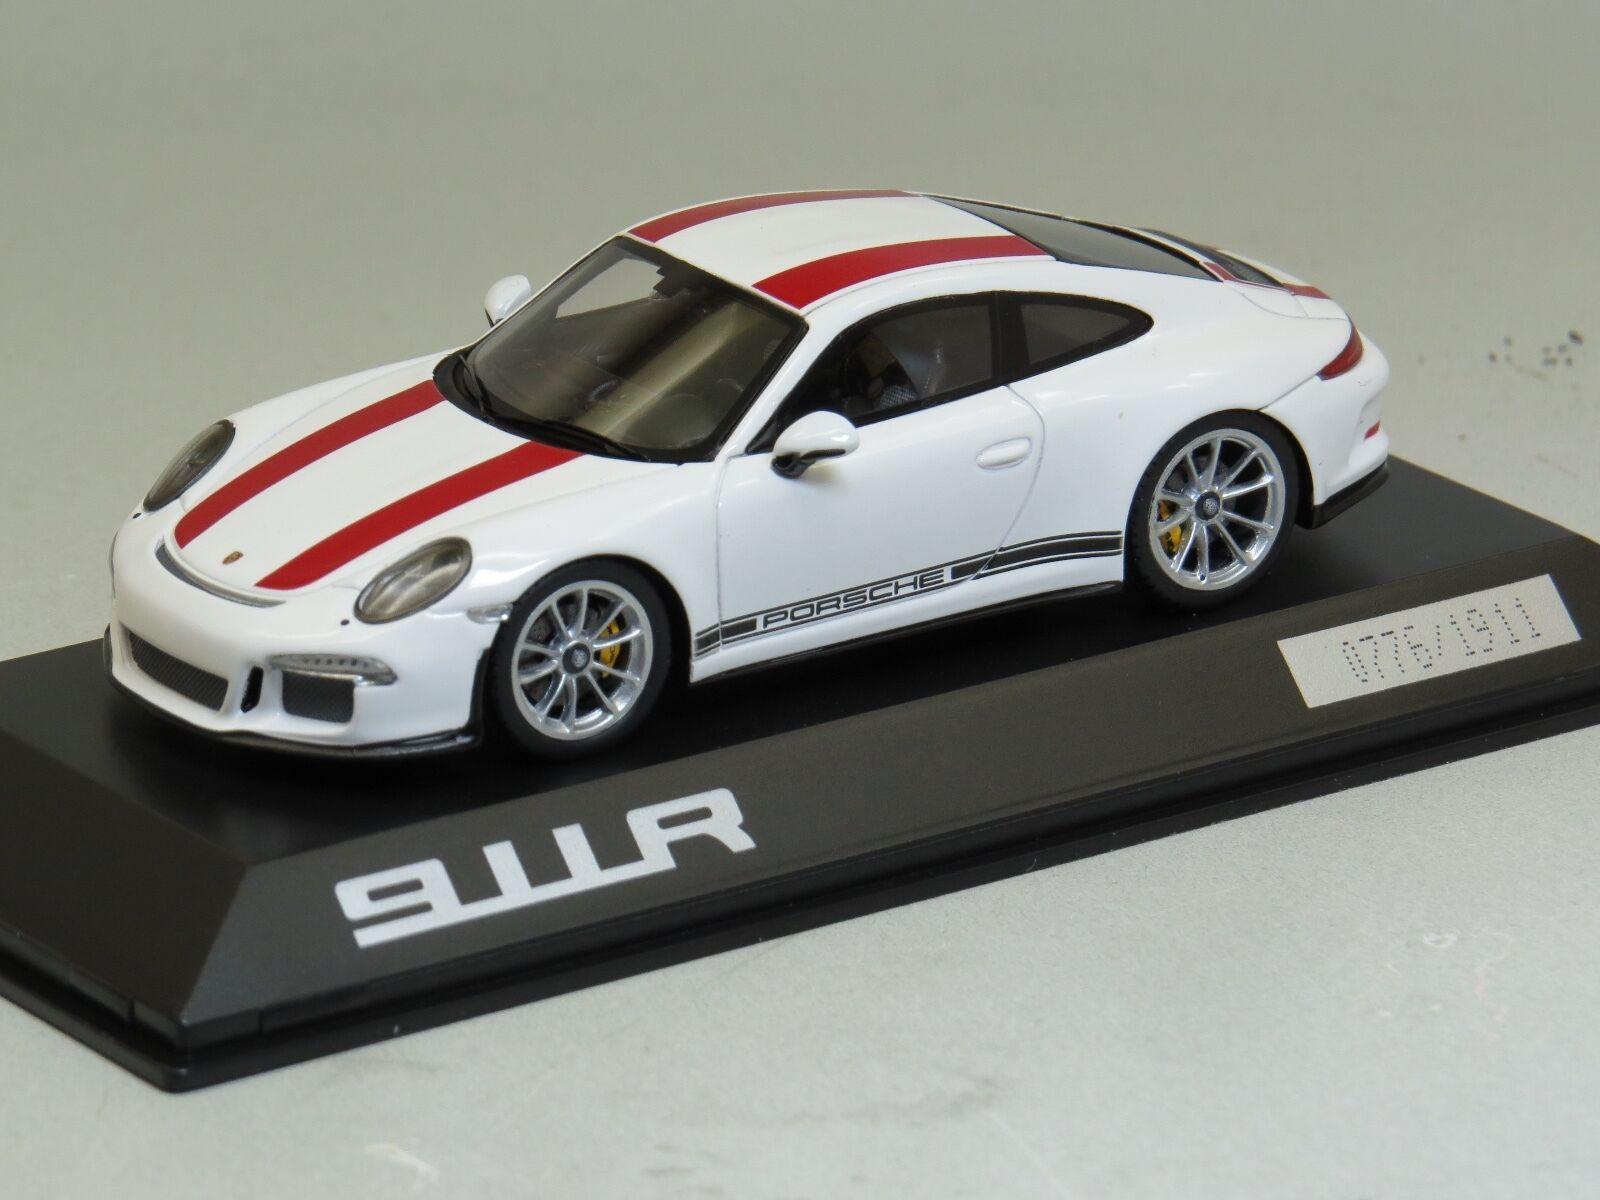 Spark 1  43 Porsche 911R (991) vit   röd 1911pcs begränsad IAA 2016 WAP0201460J